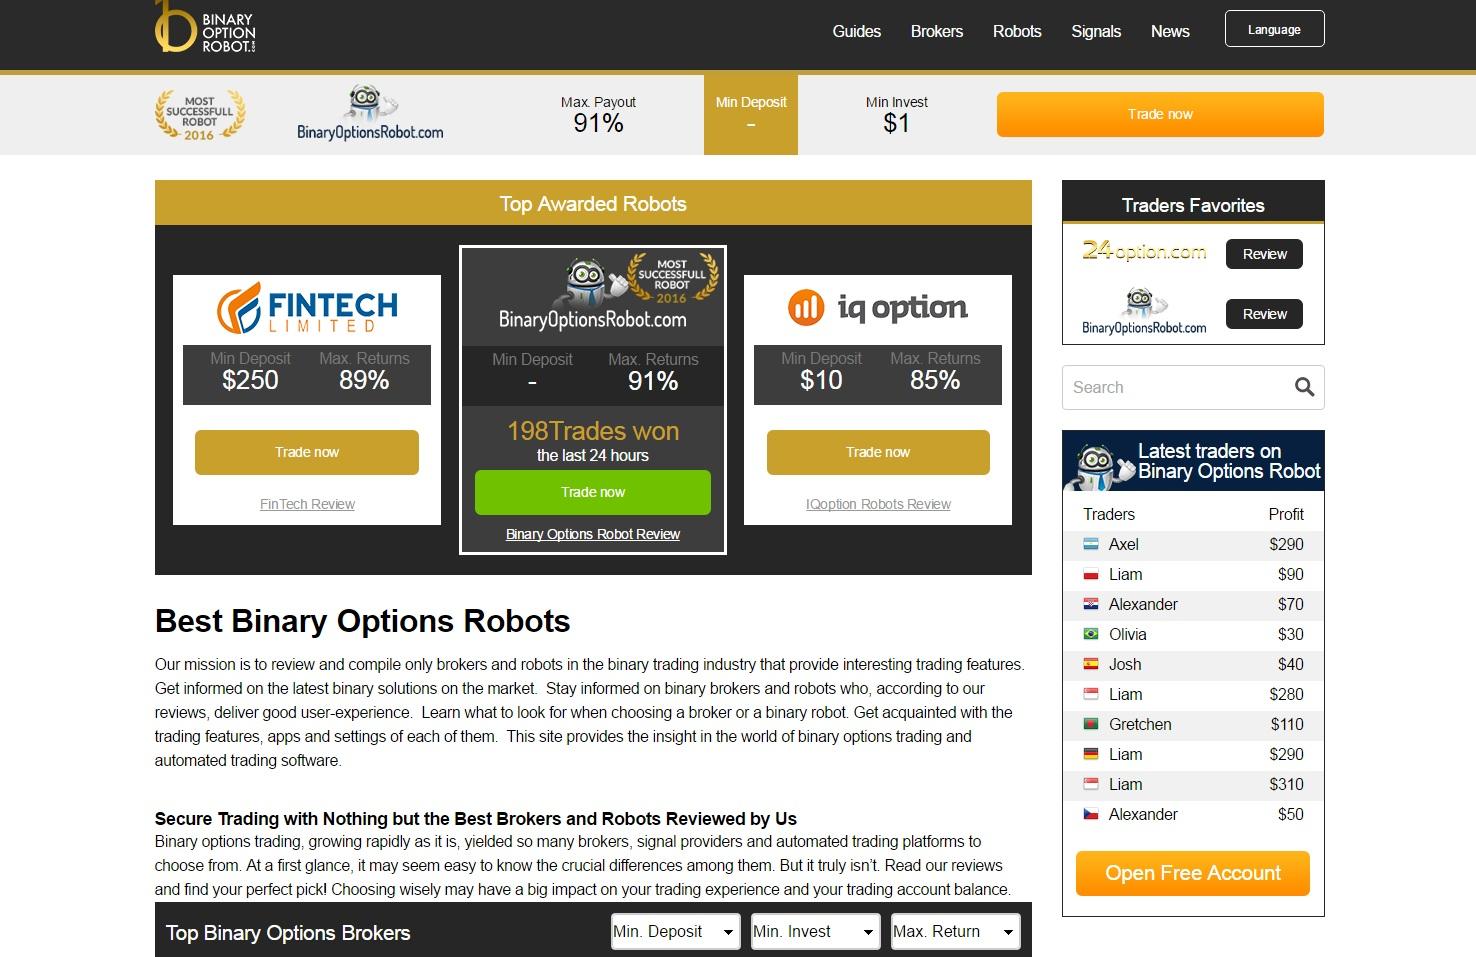 Prieteni Robot Opțiuni binare Trader, alexandrugrivei.roie pentru robotul de opțiuni binare